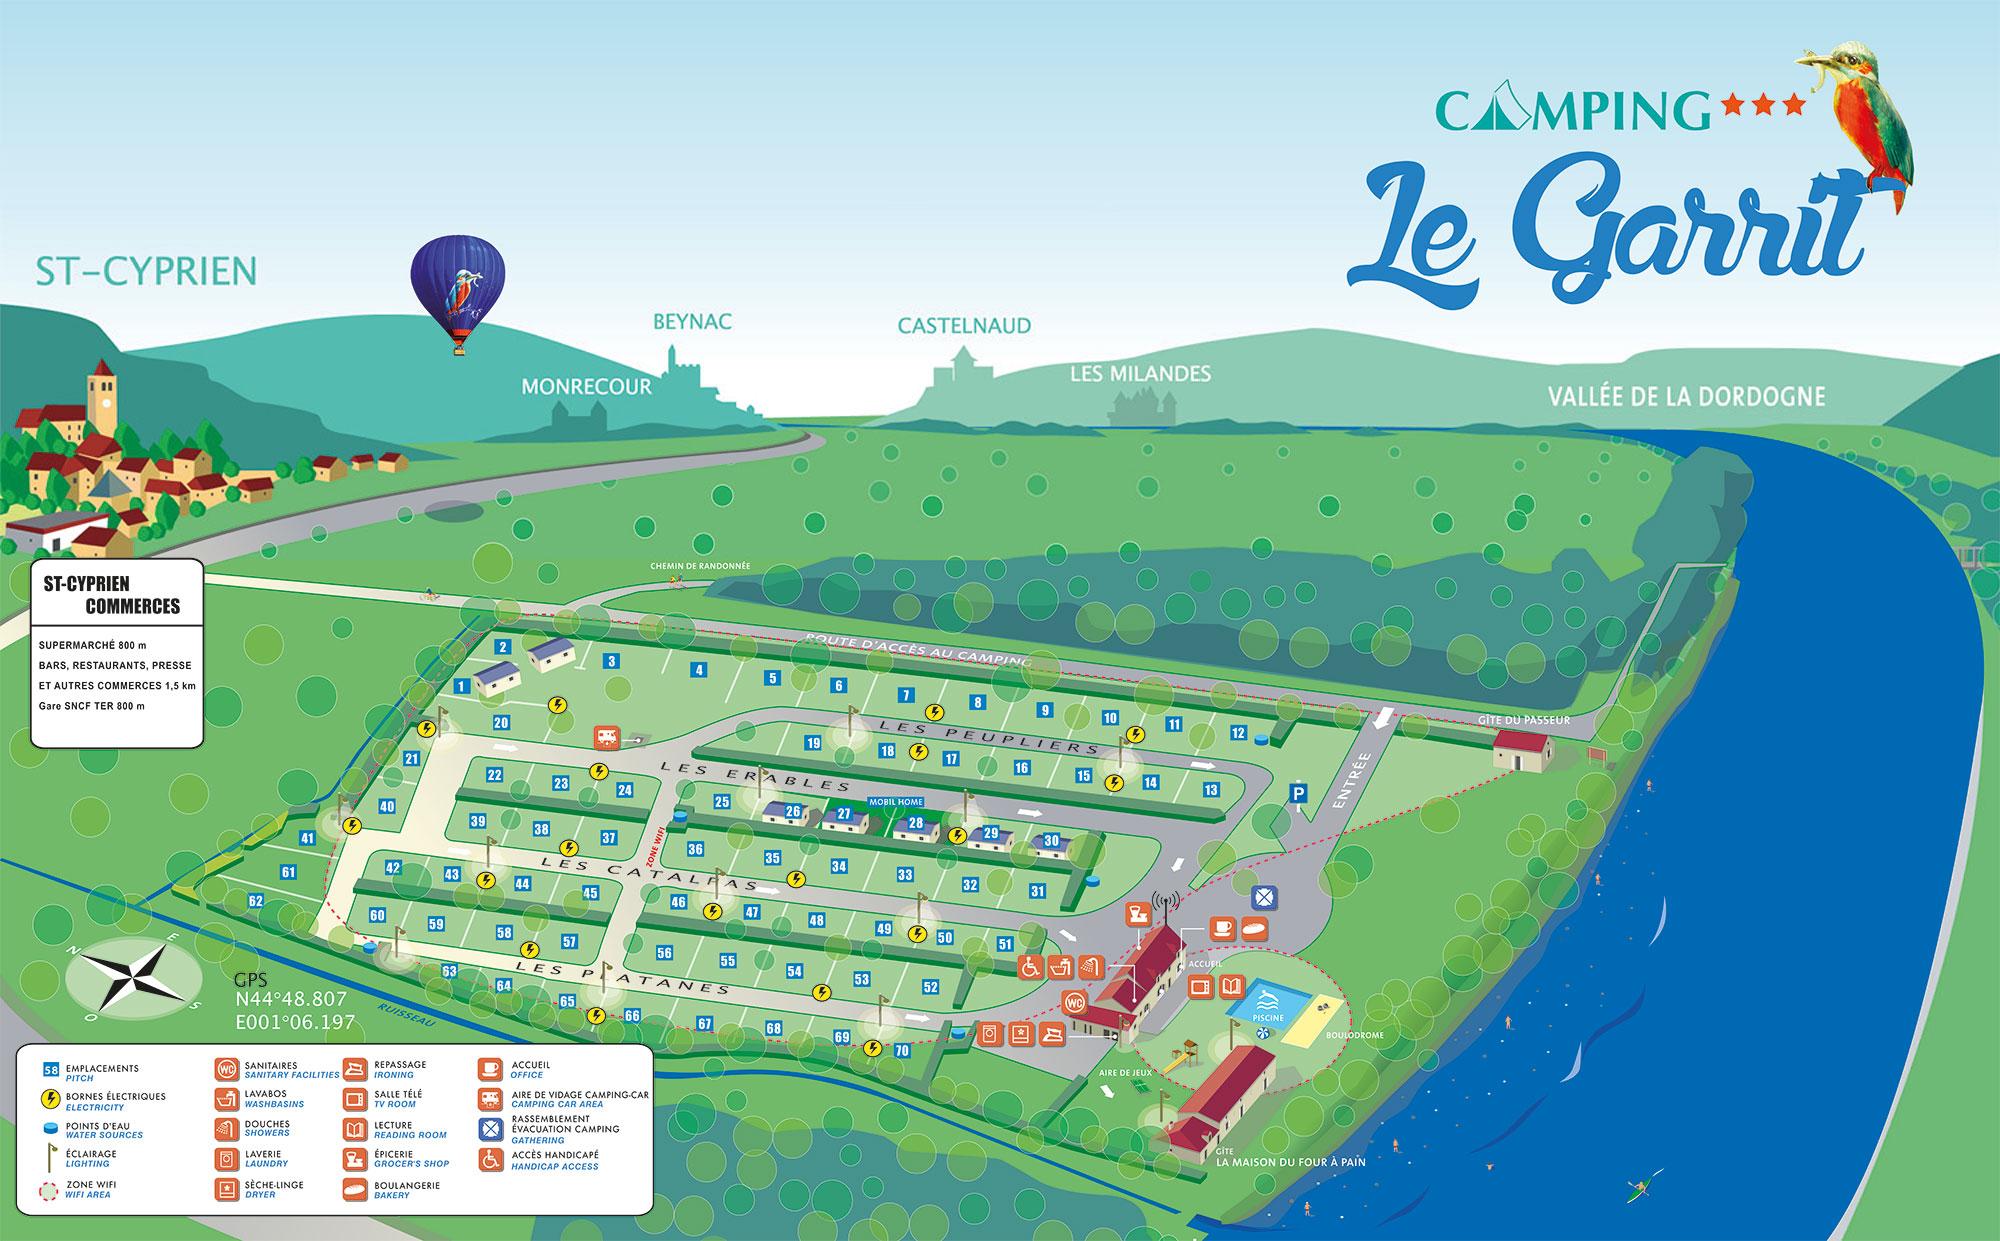 """Location de gîte en Périgord Dordogne """"Le Four à Pain"""" - Plan du camping Le Garrit en Dordogne Périgord Noir, à Saint-Cyprien près de Sarlat"""